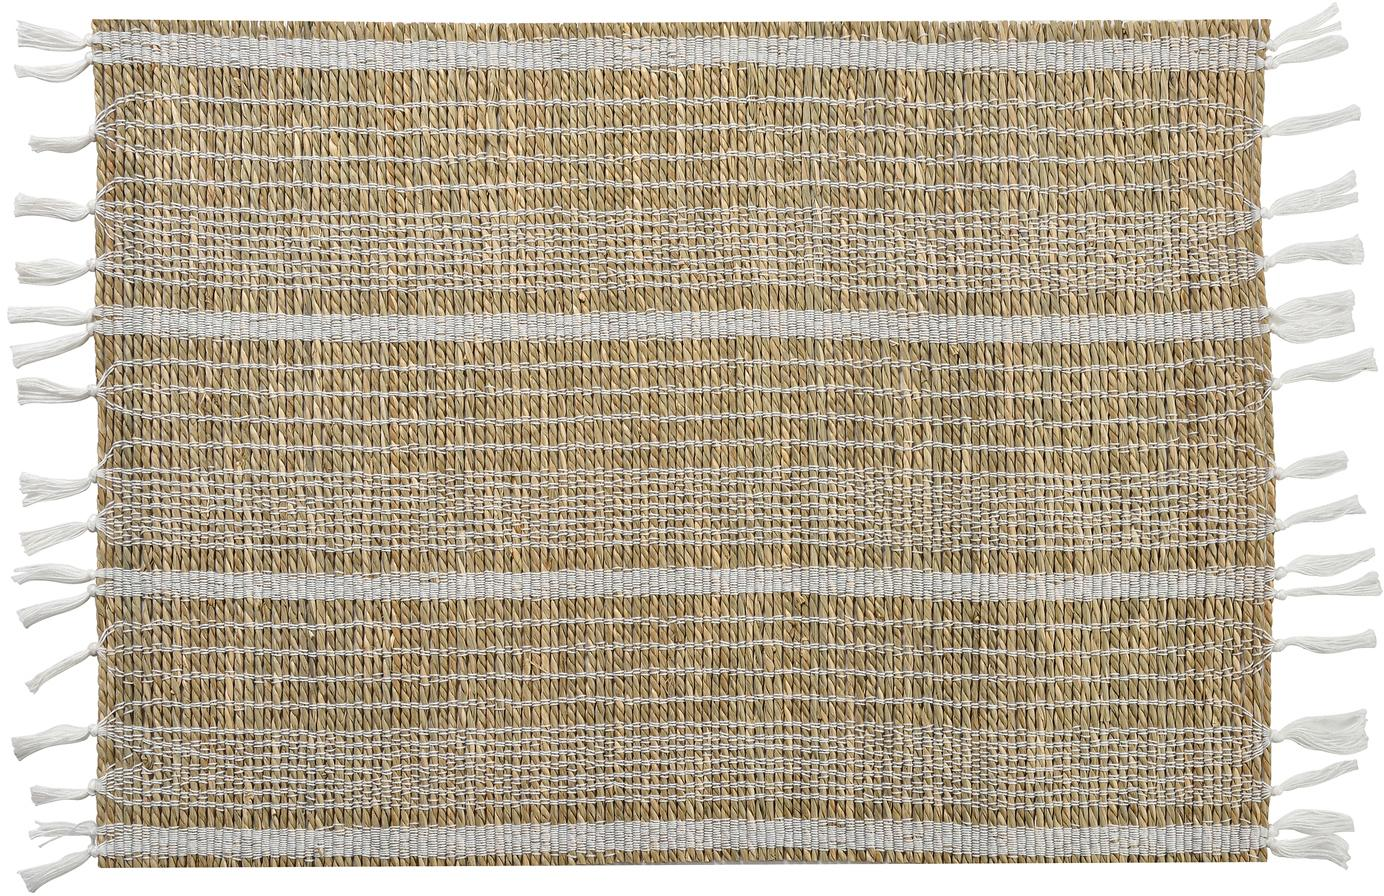 Seegras-Tischset Gausus, 4 Stück, Beige, Weiß, 33 x 45 cm